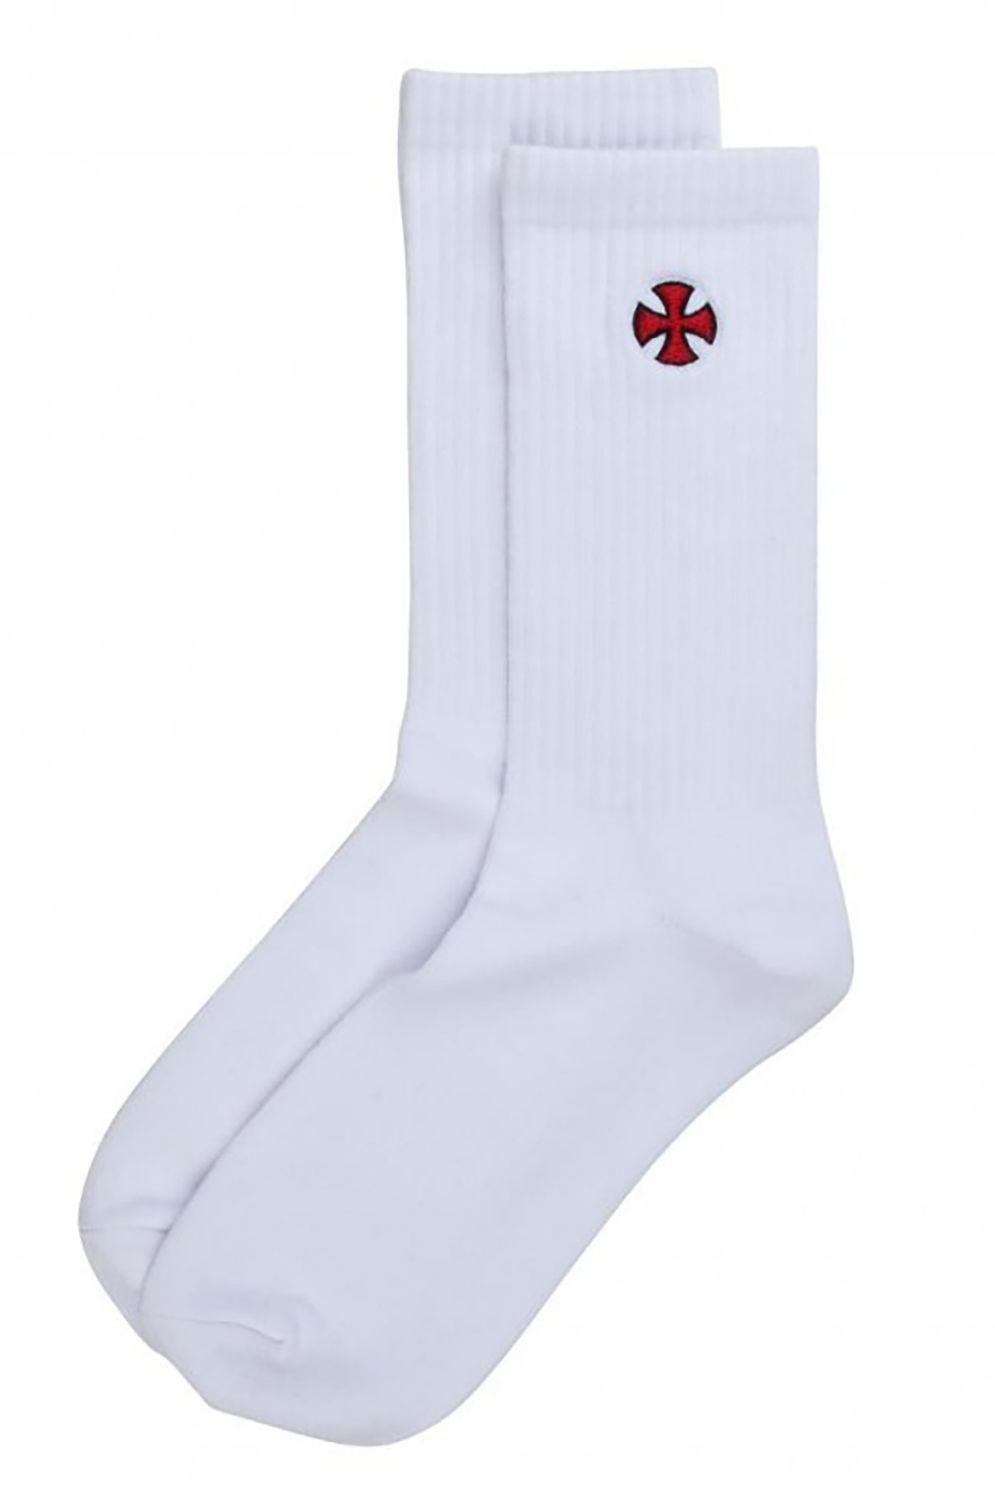 Independent Socks CROSS White